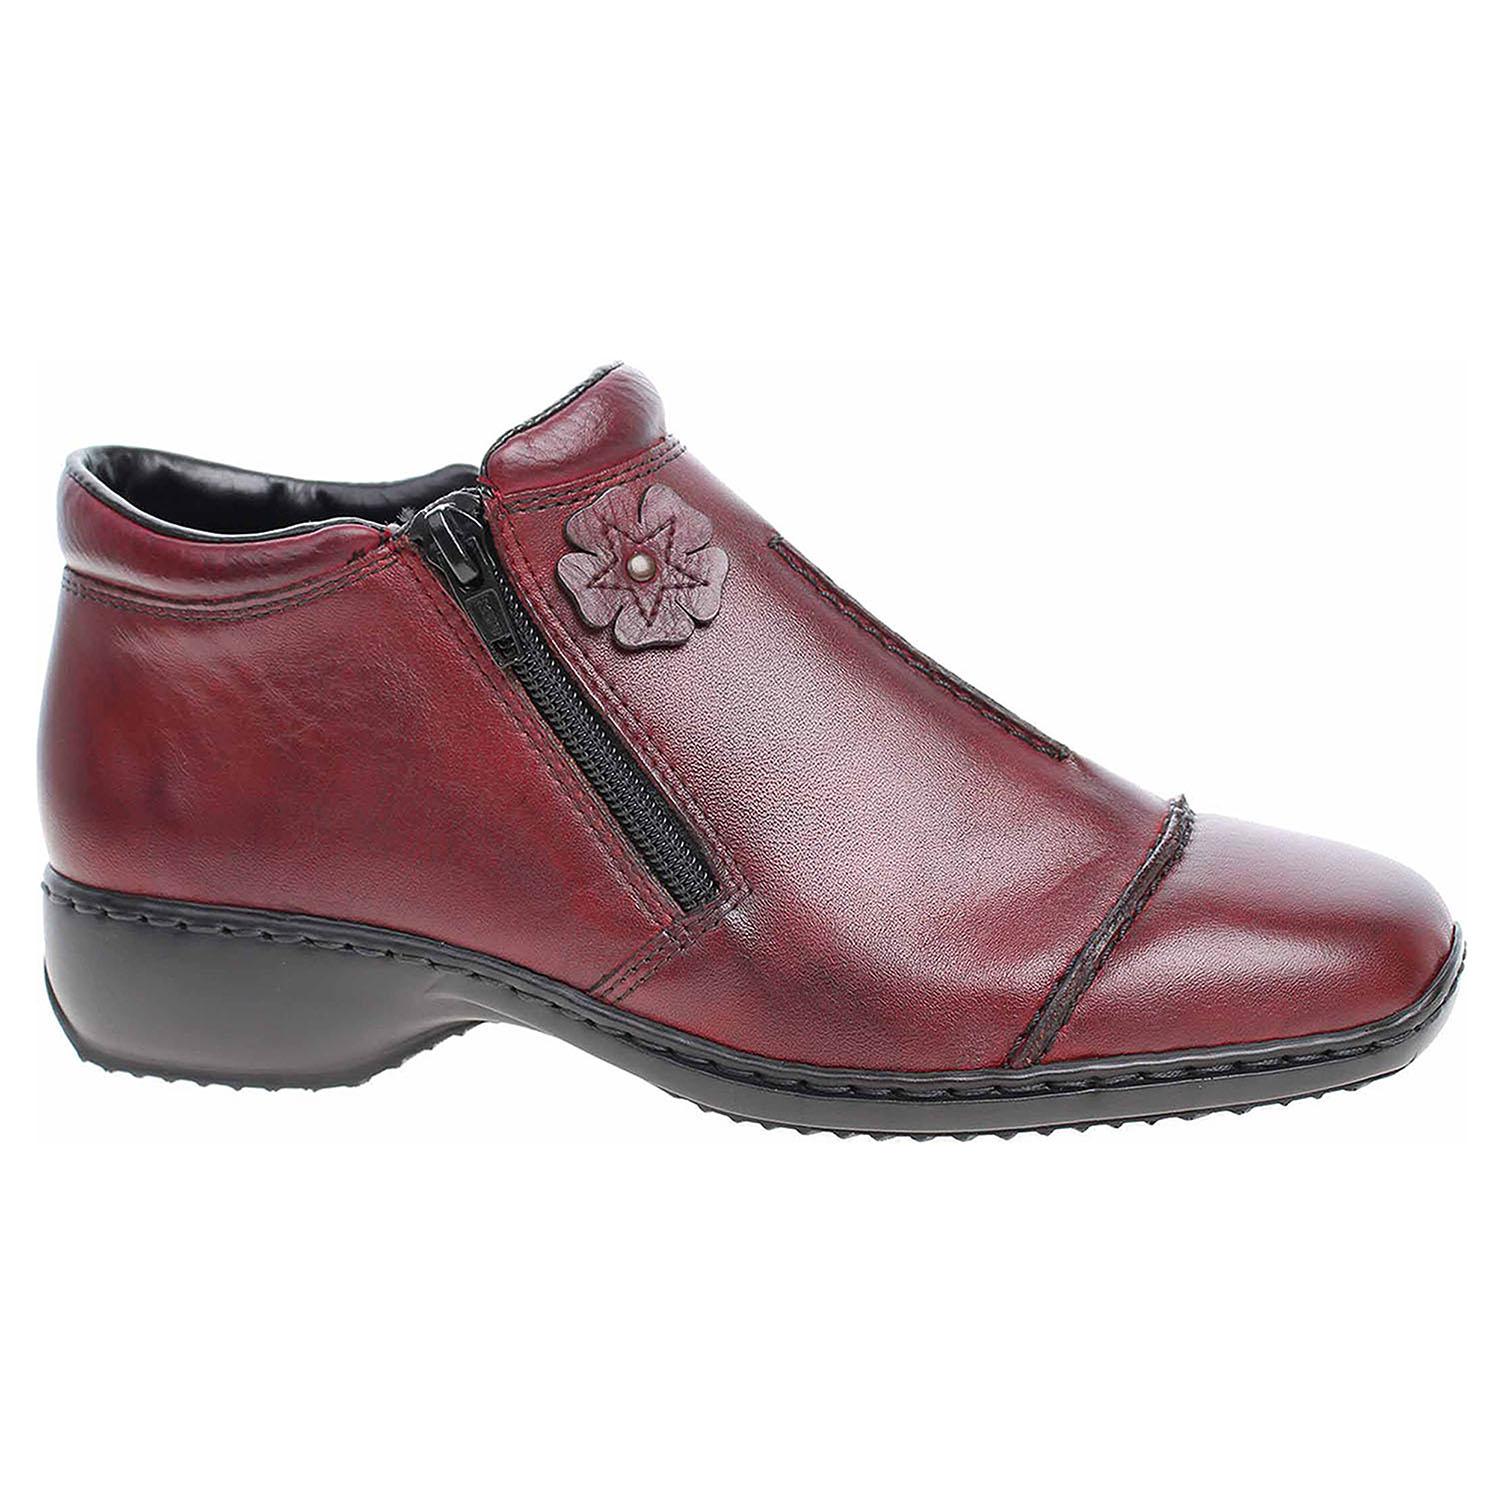 Dámská kotníková obuv Rieker L3888-35 rot L3888-35 37